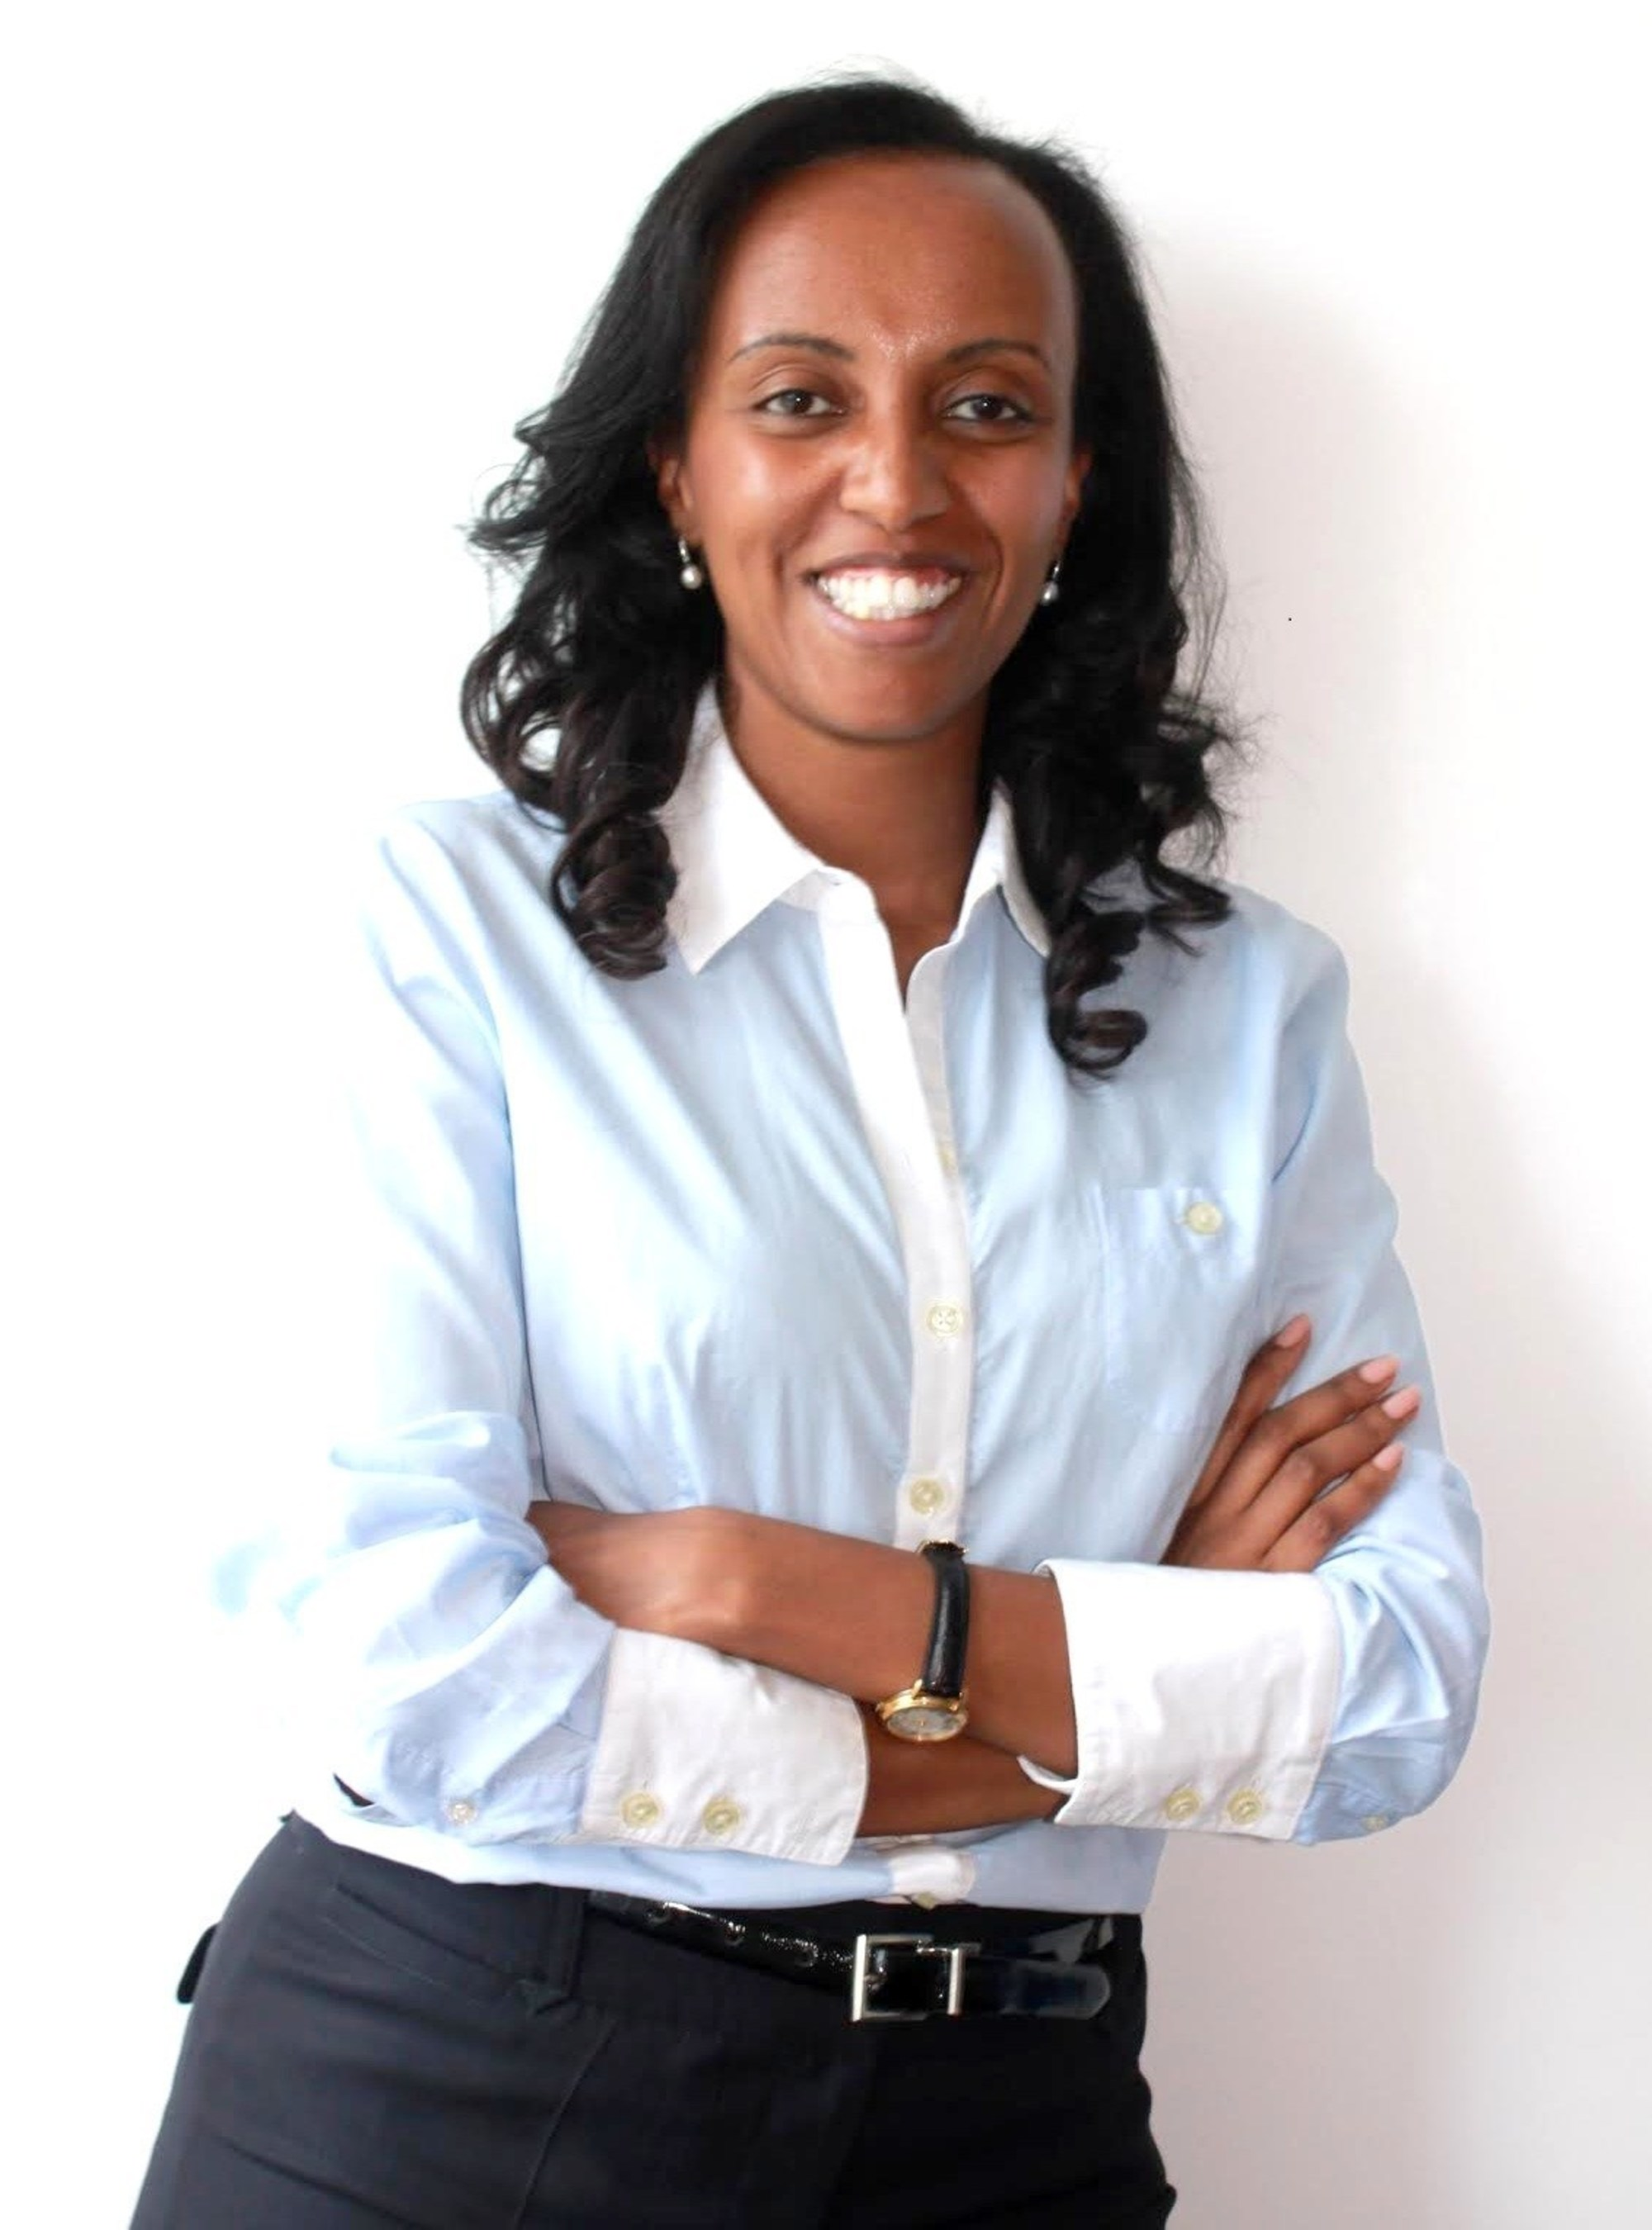 Microsoft ernennt Amrote Abdella zur neuen Regionaldirektorin von Microsoft 4Afrika